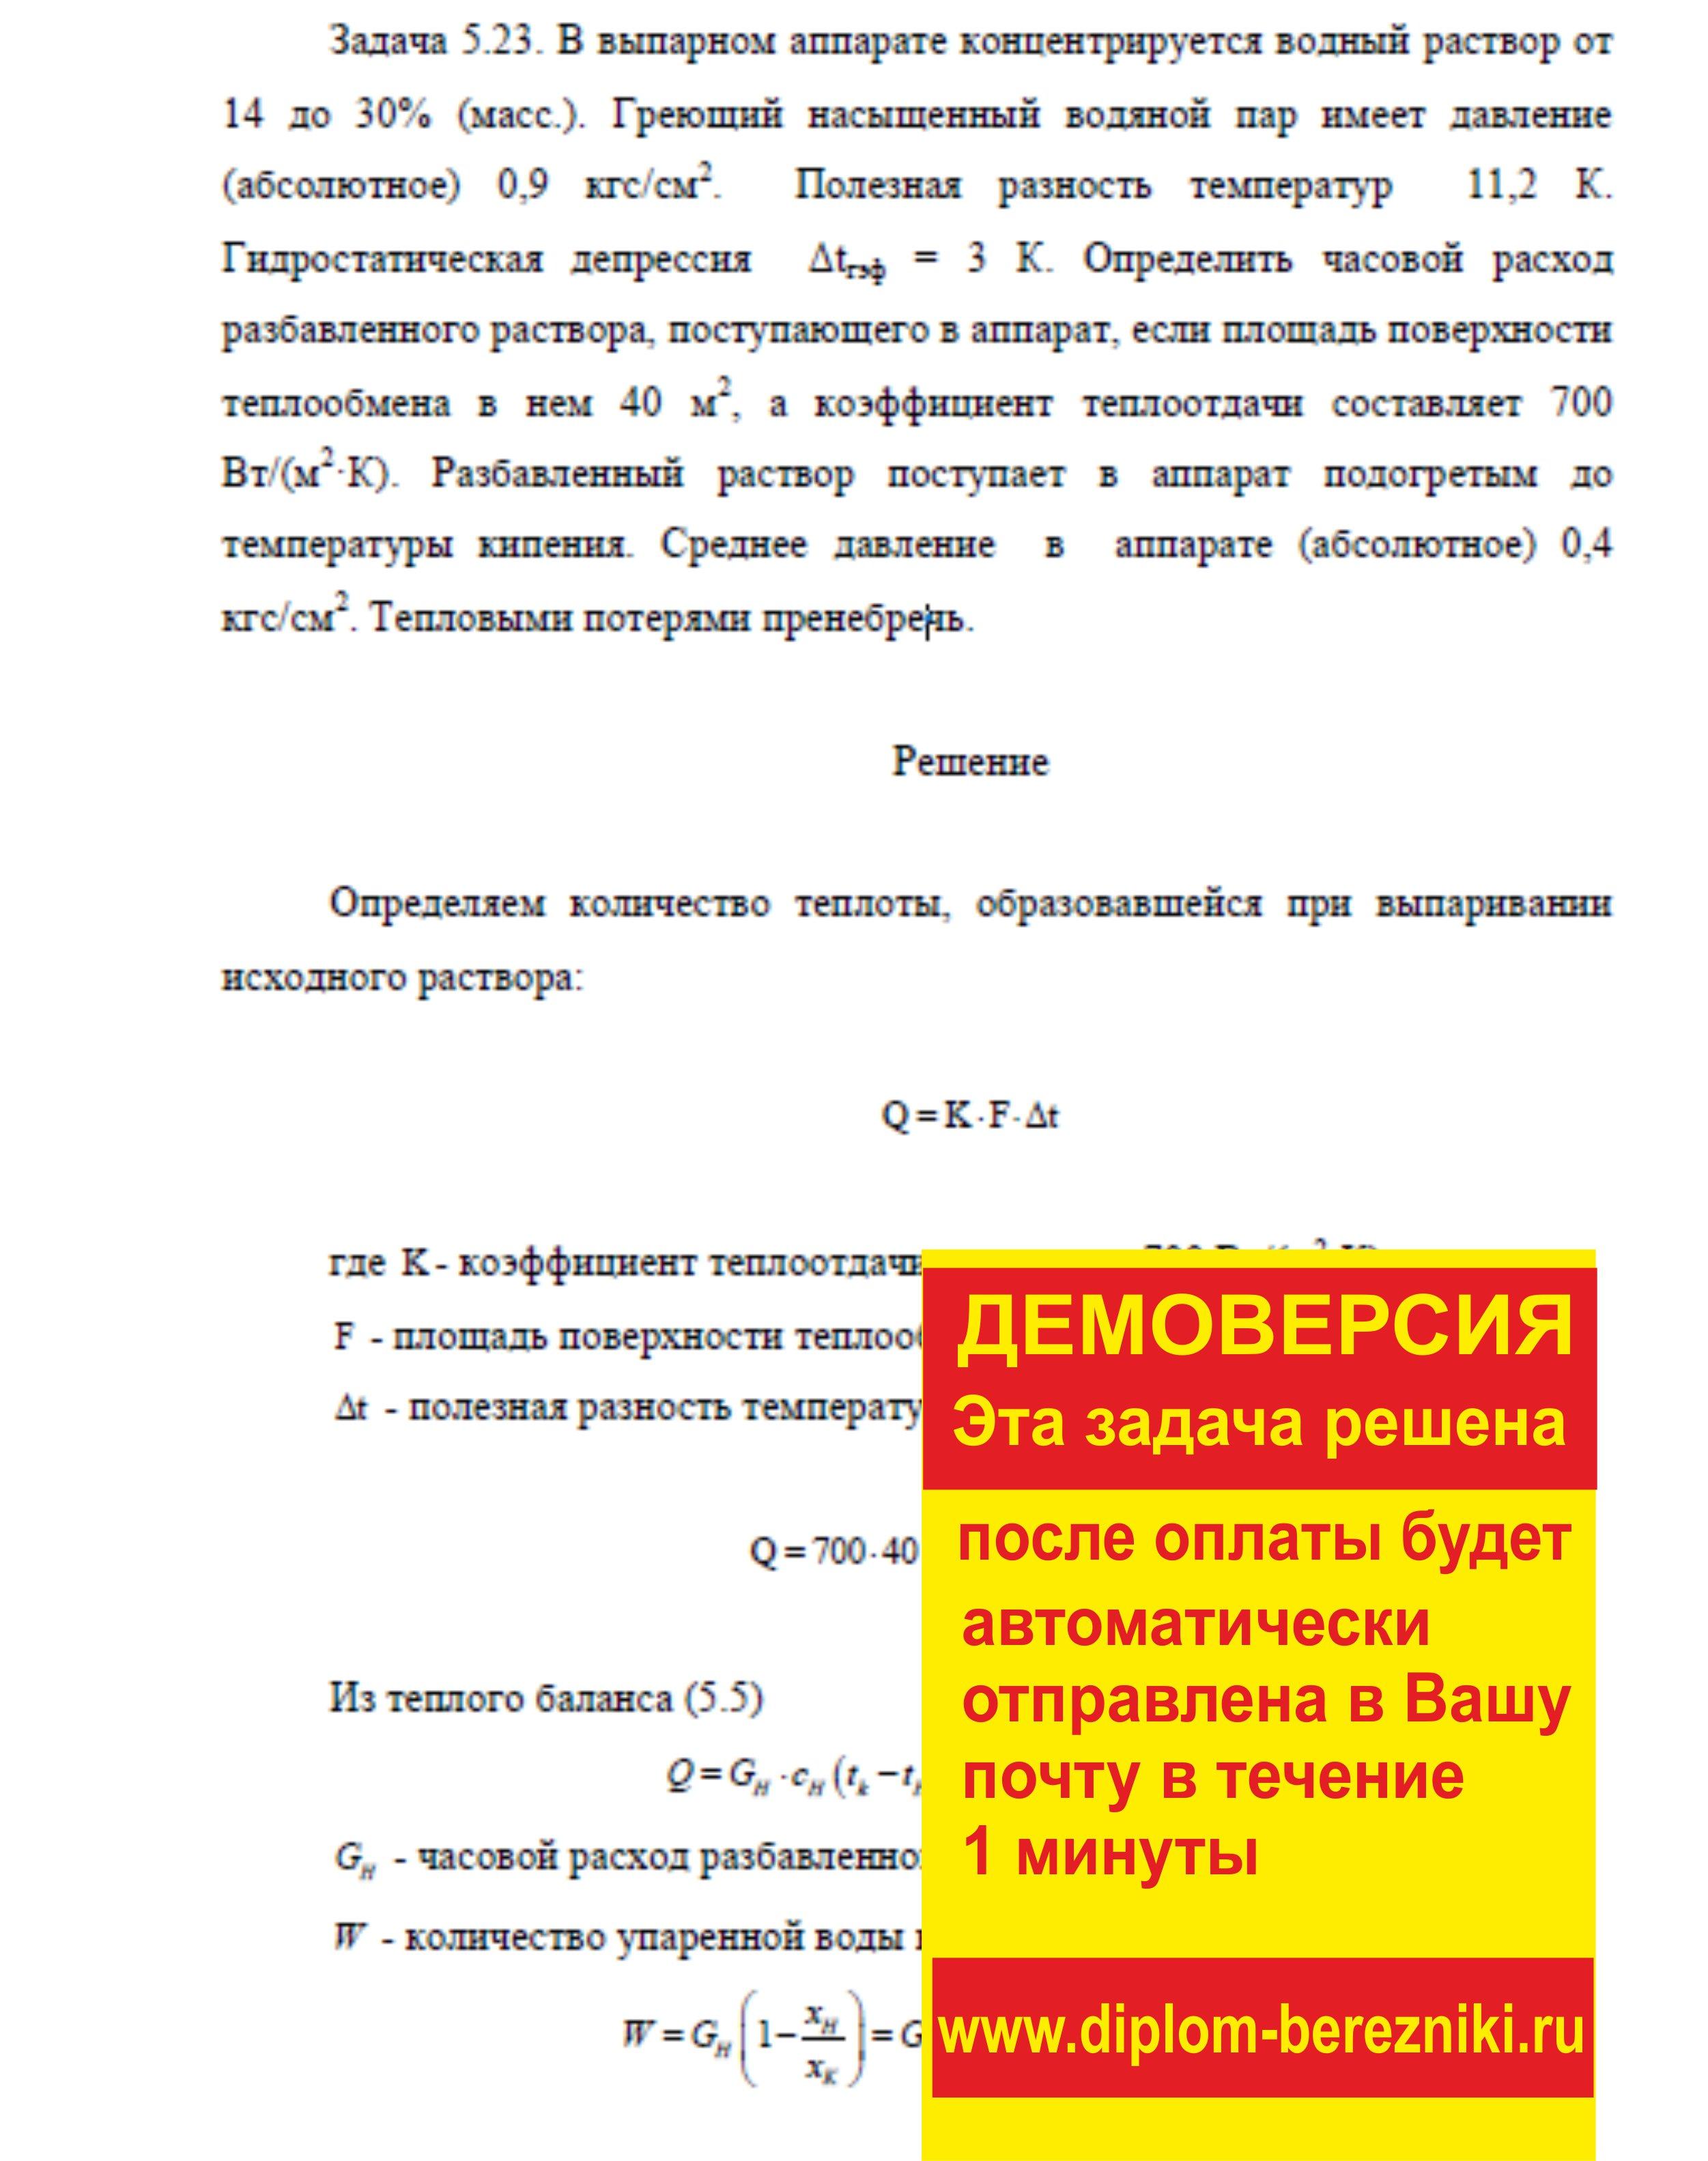 Решение задачи 5.23 по ПАХТ из задачника Павлова Романкова Носкова